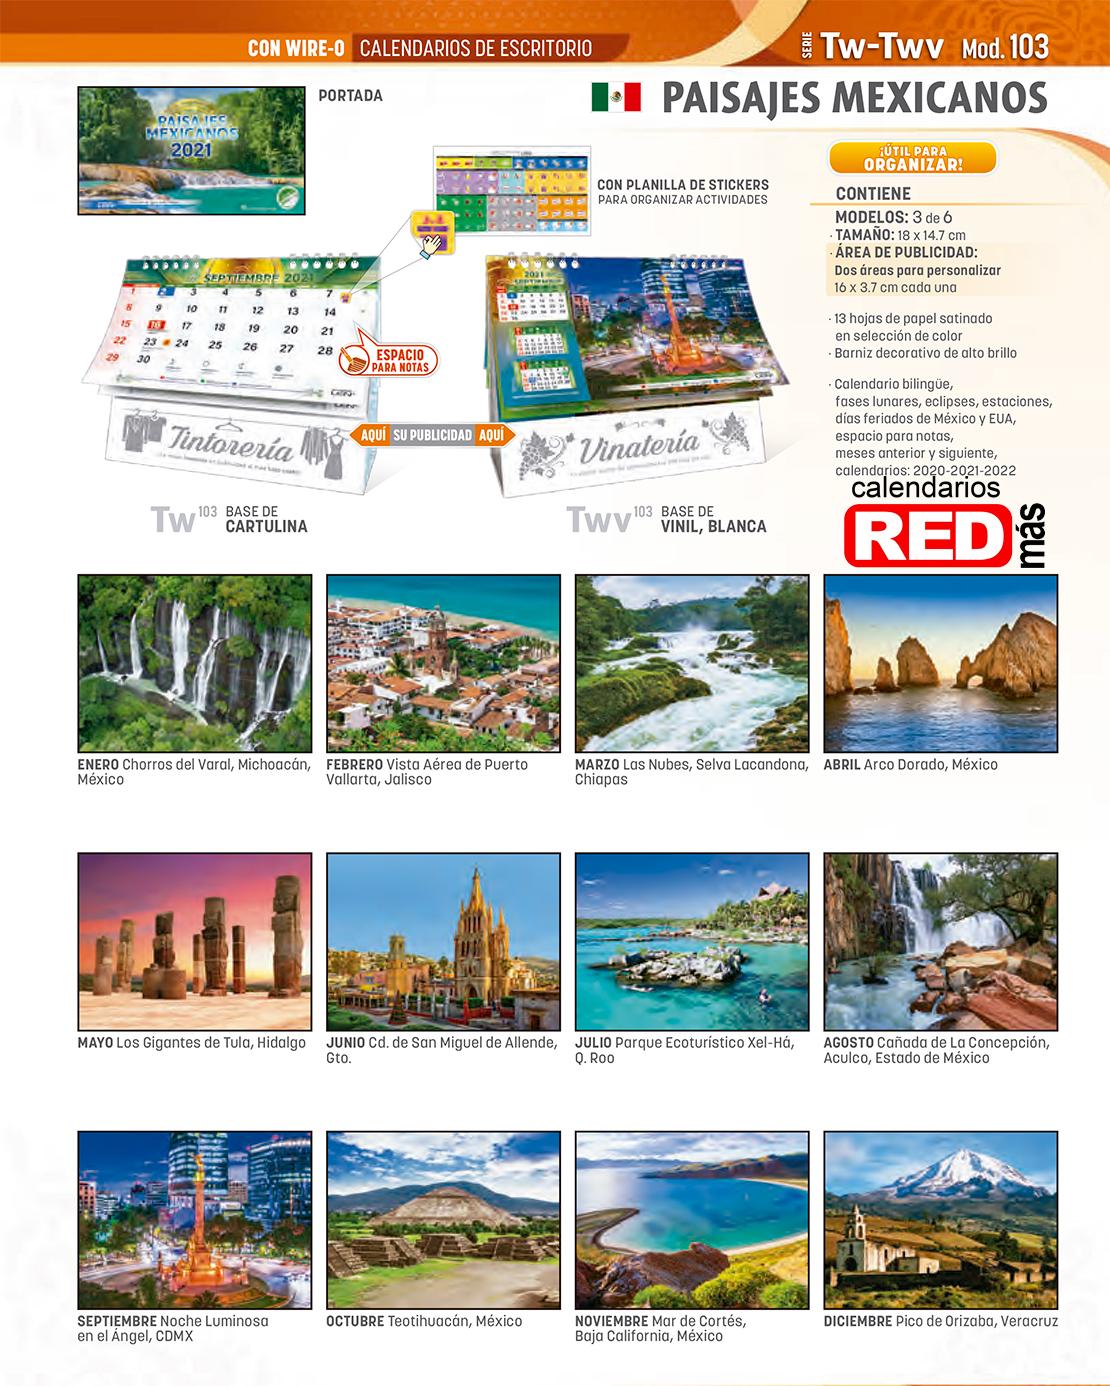 calendarios-len-2020-calendarios-red-calendarios-2020-Twv_003.jpg